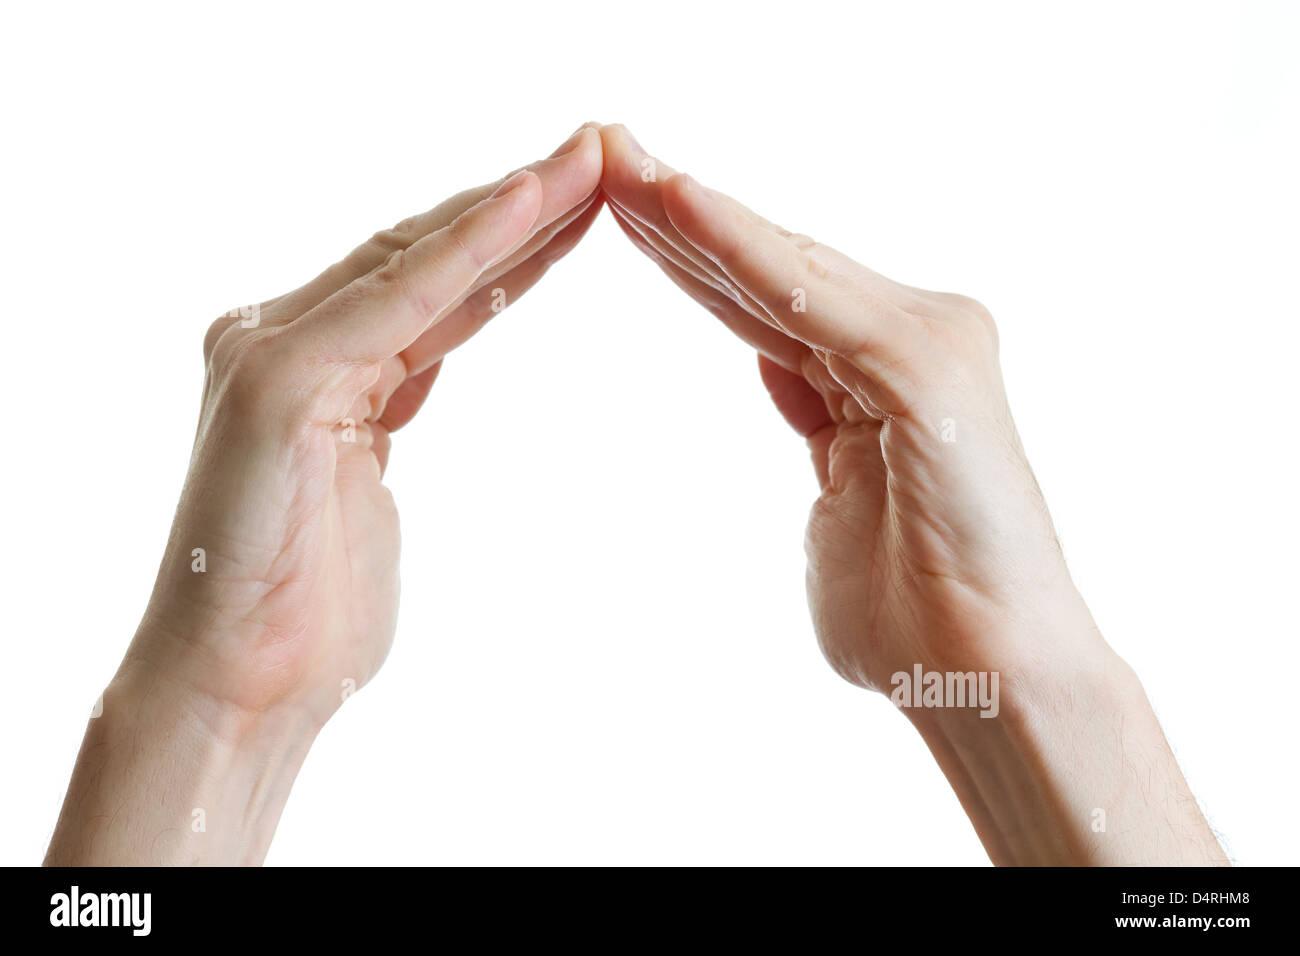 Mains en forme de maison sur fond blanc Photo Stock